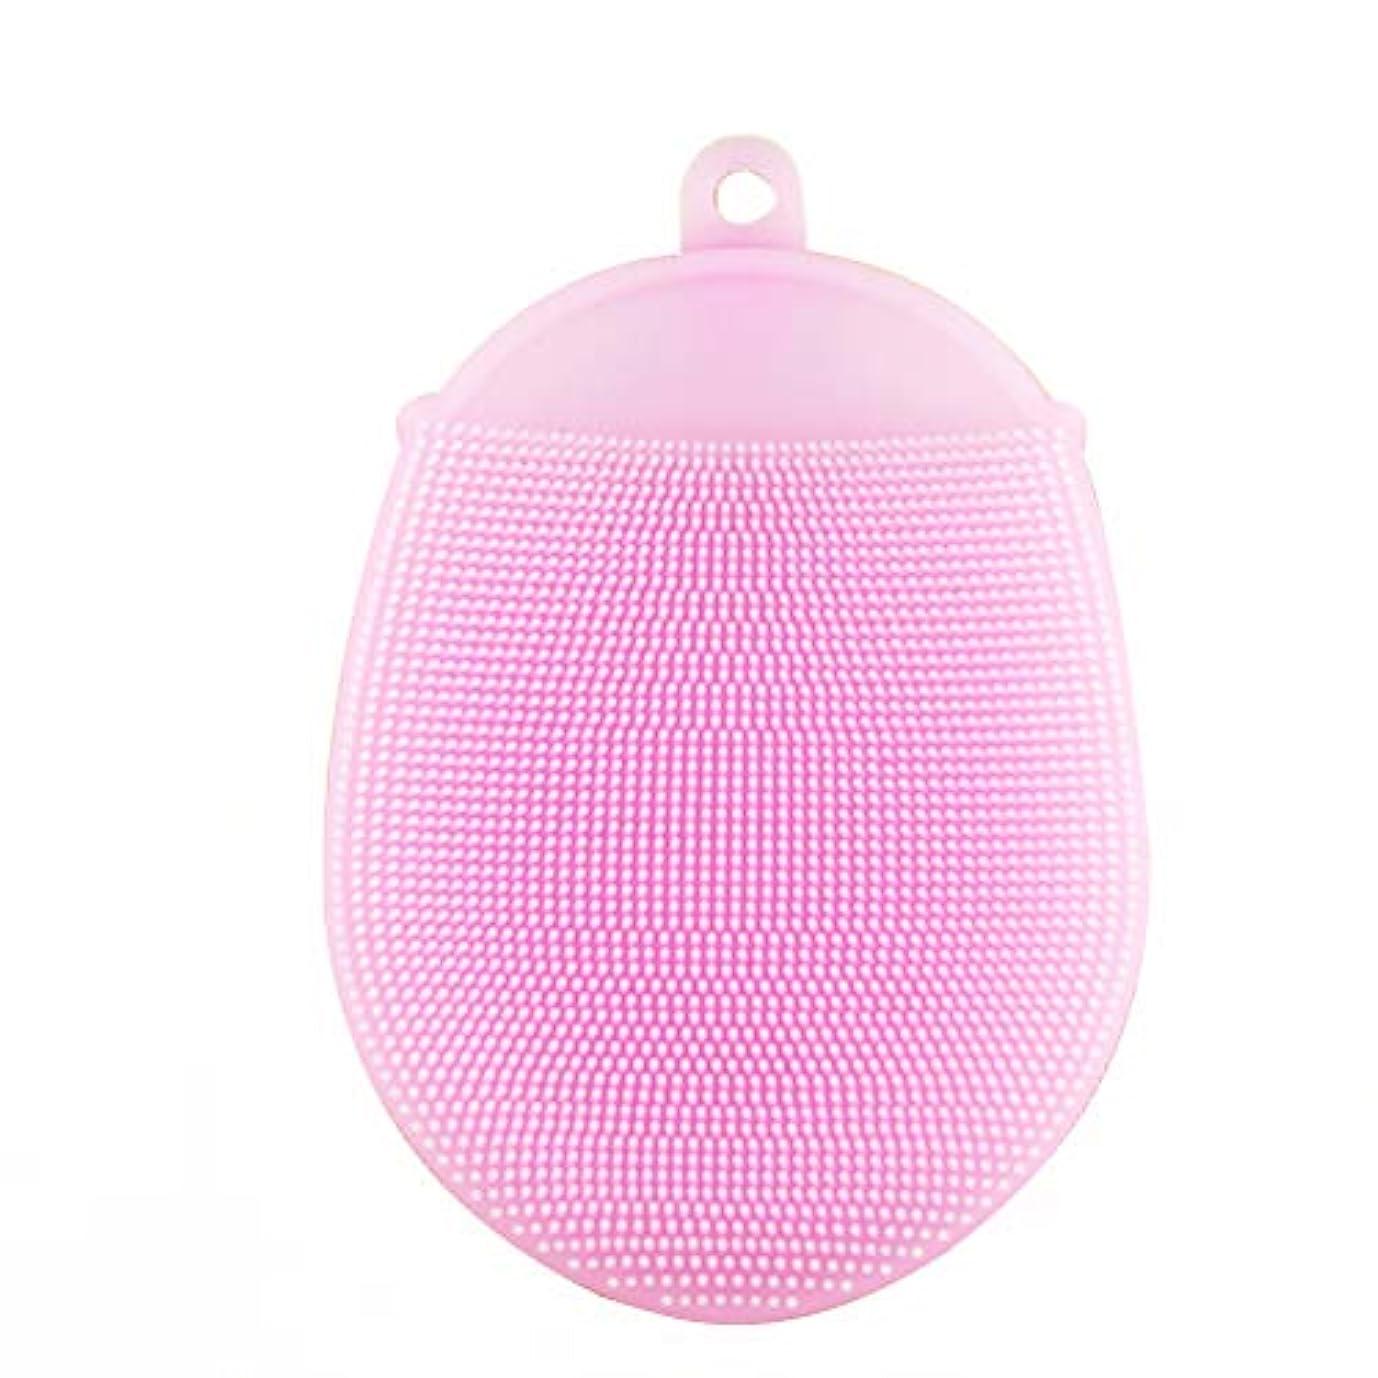 期限アリス最大のHealifty ボディブラシ2本シリコン入浴ブラシ抗菌シャワースクラバー洗顔パッド(ピンク)